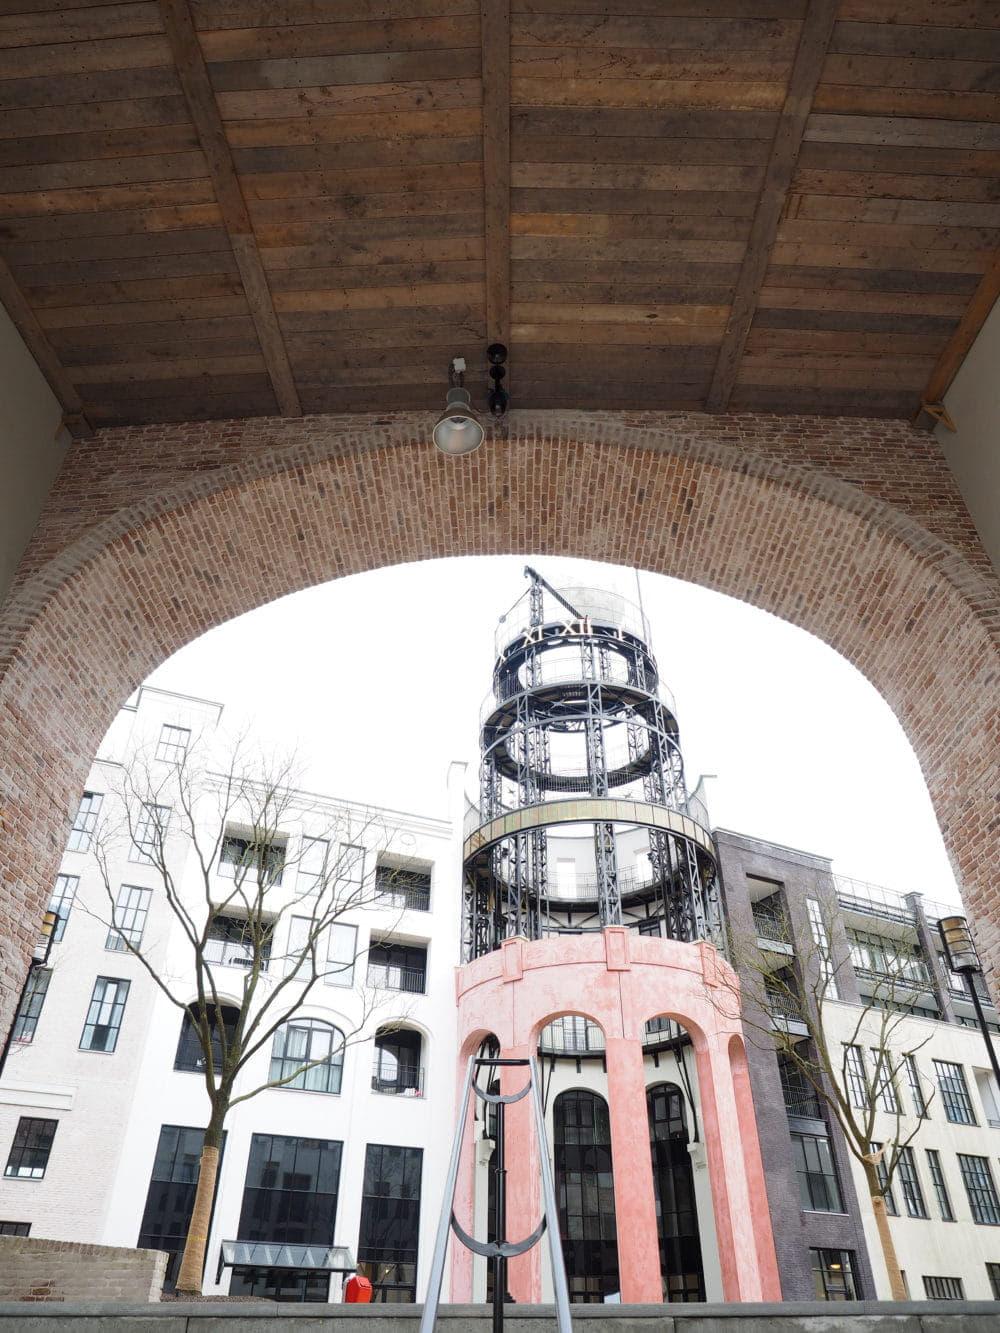 Zicht op boog of poort van het Maankwartier in Heerlen